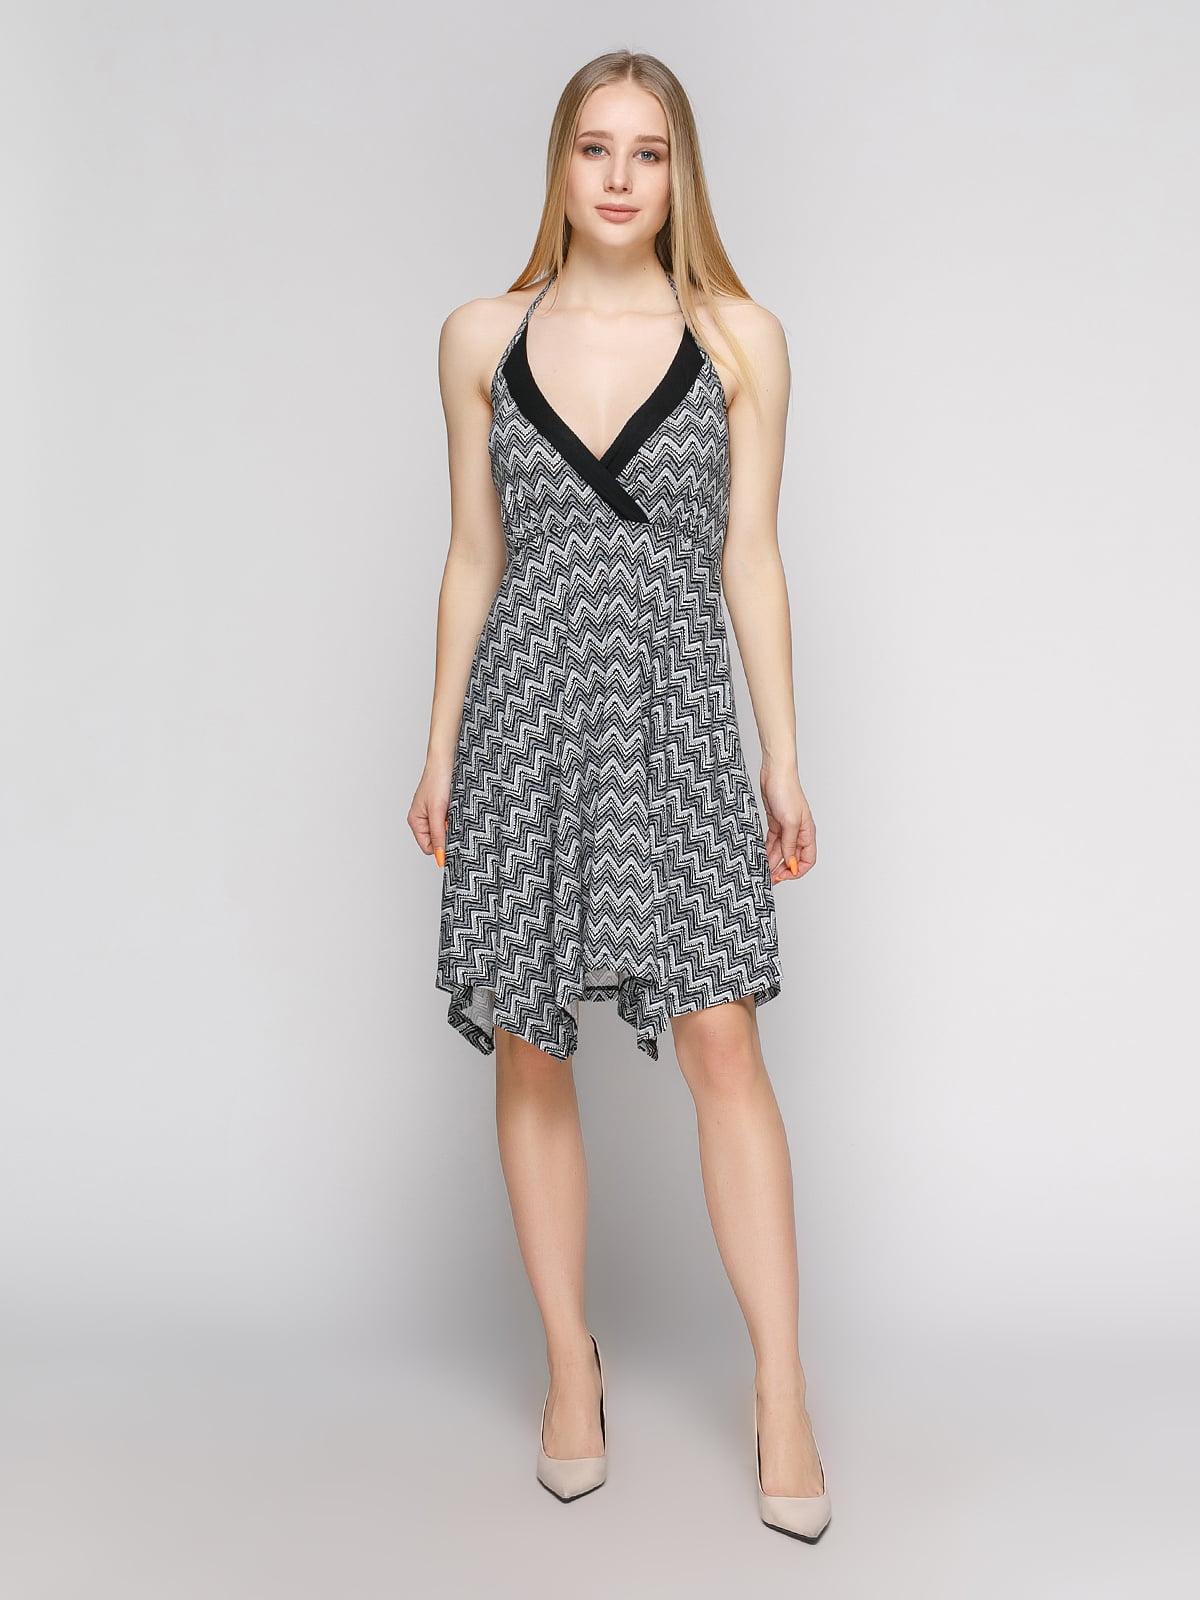 Сукня в зигзагоподібну смужку | 434152